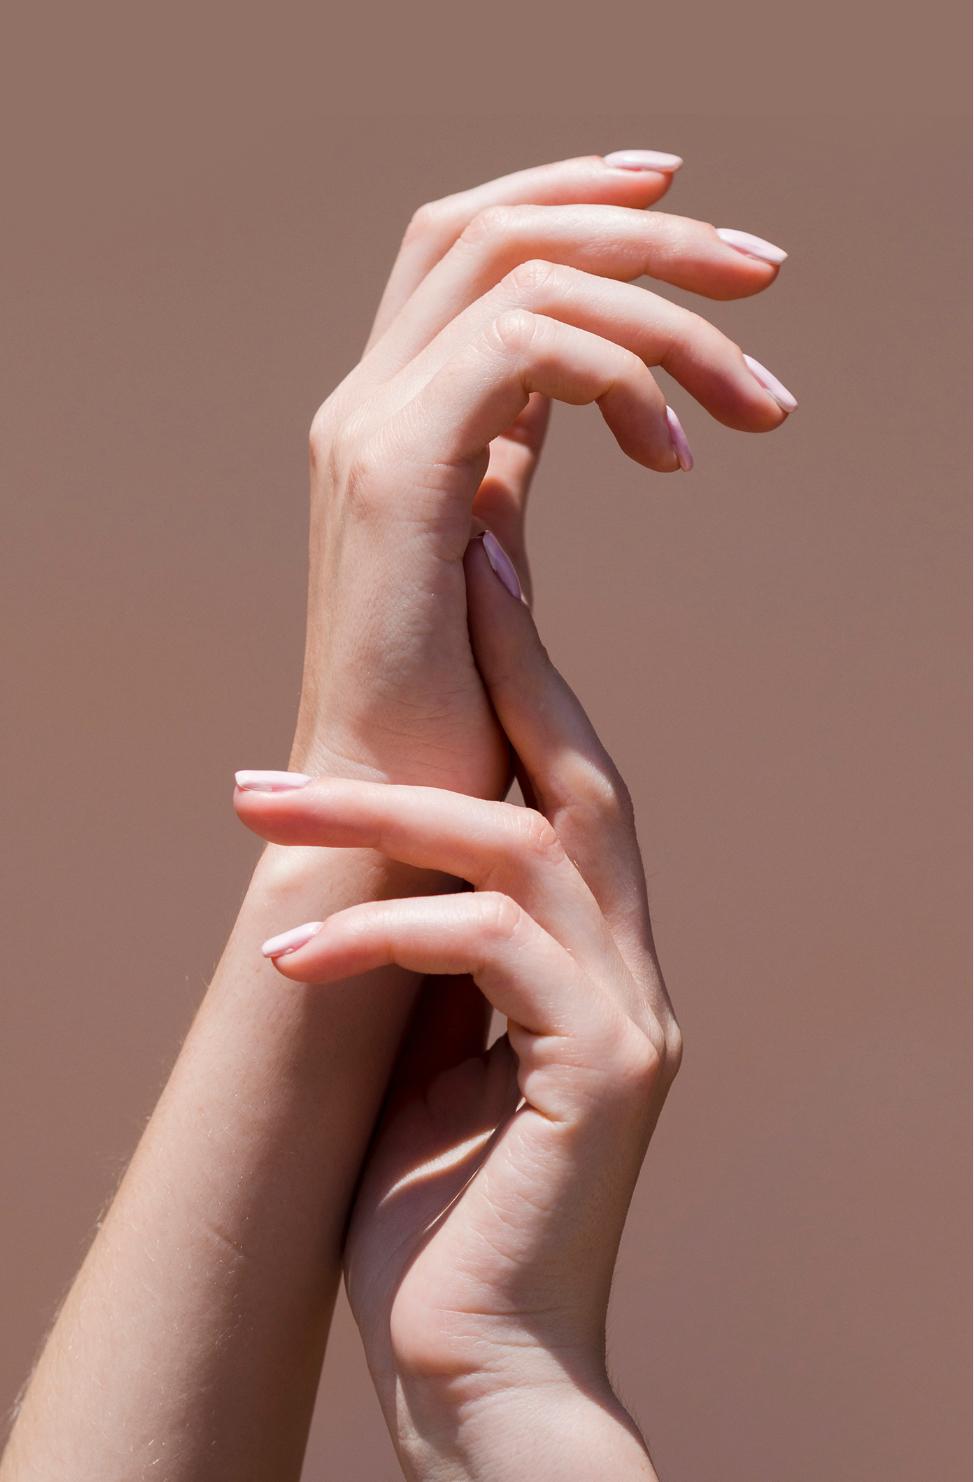 サンディング一切不要。爪を美しく健康に導き、施術時間を大幅短縮。